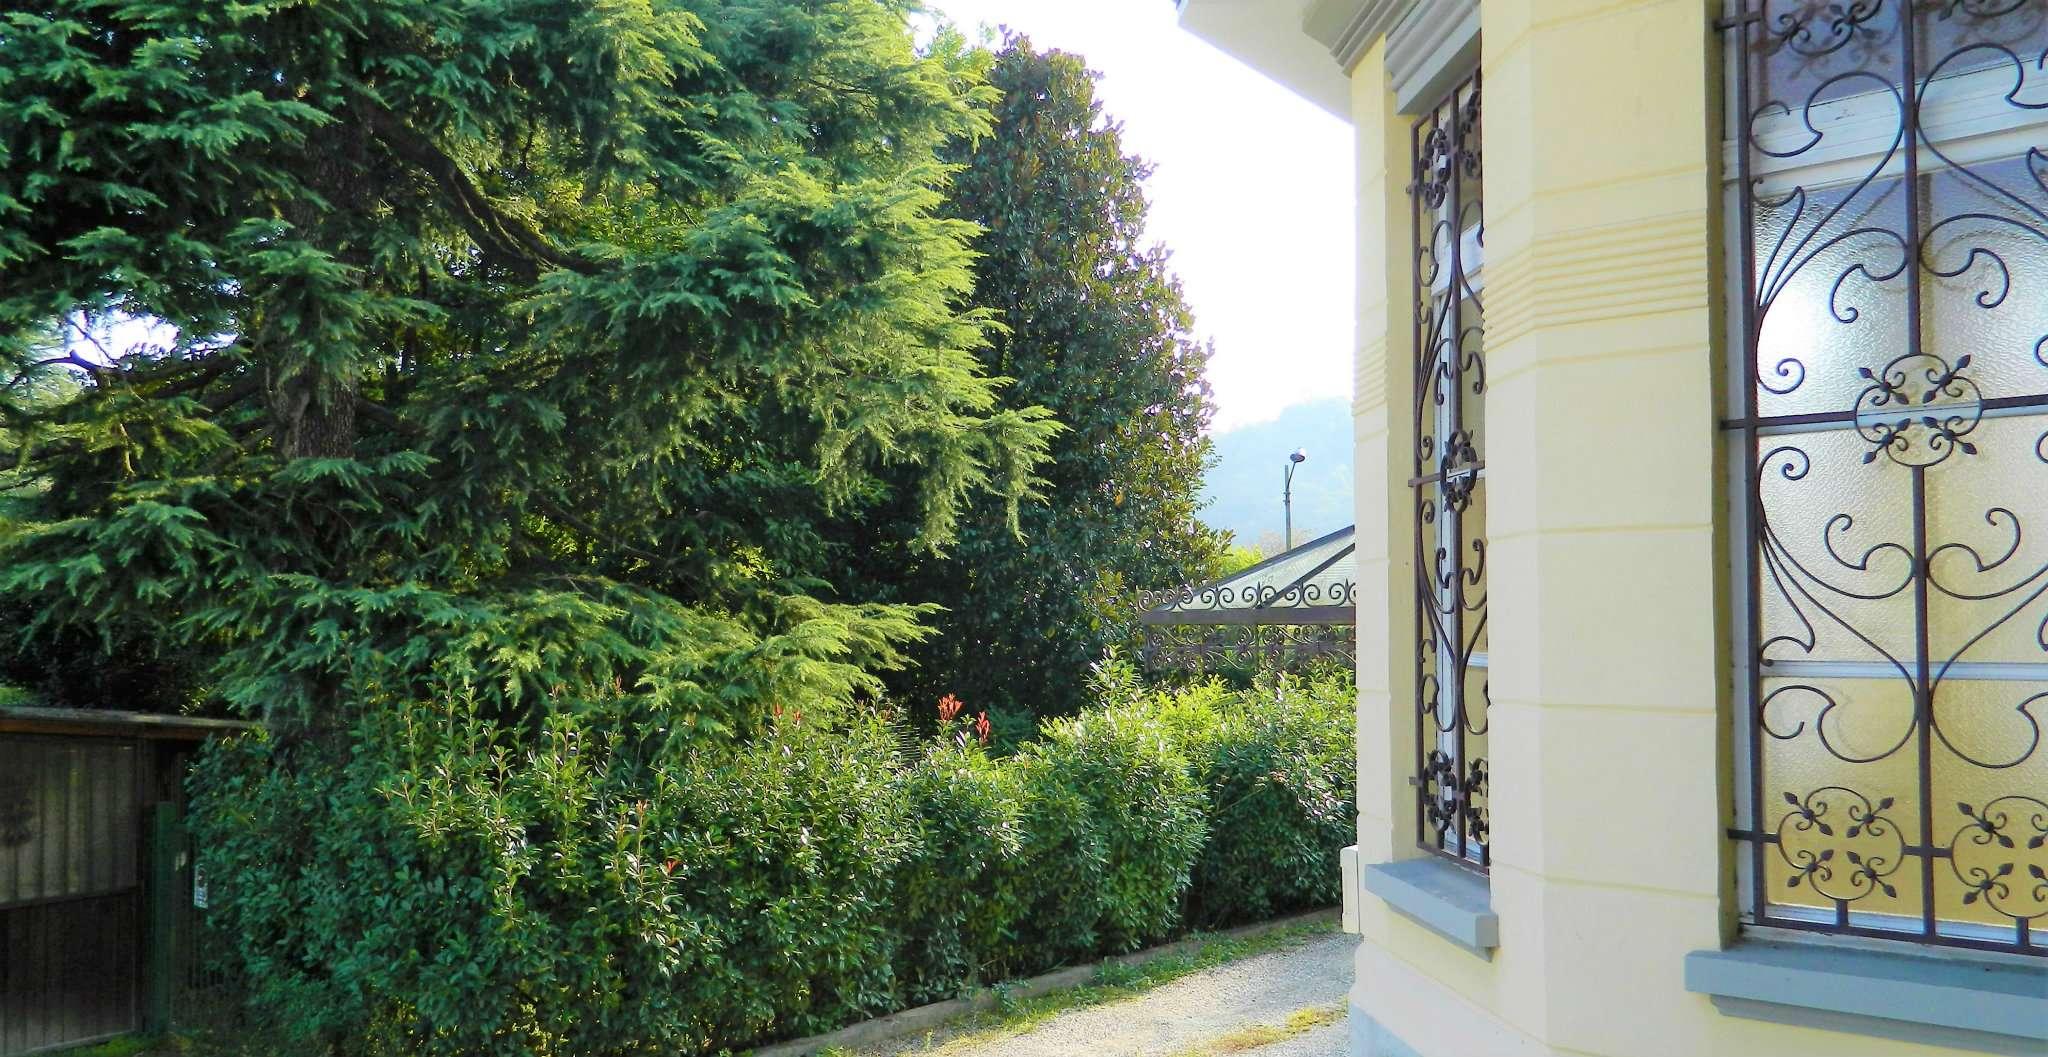 Appartamento in vendita a Gassino Torinese, 6 locali, prezzo € 240.000 | CambioCasa.it